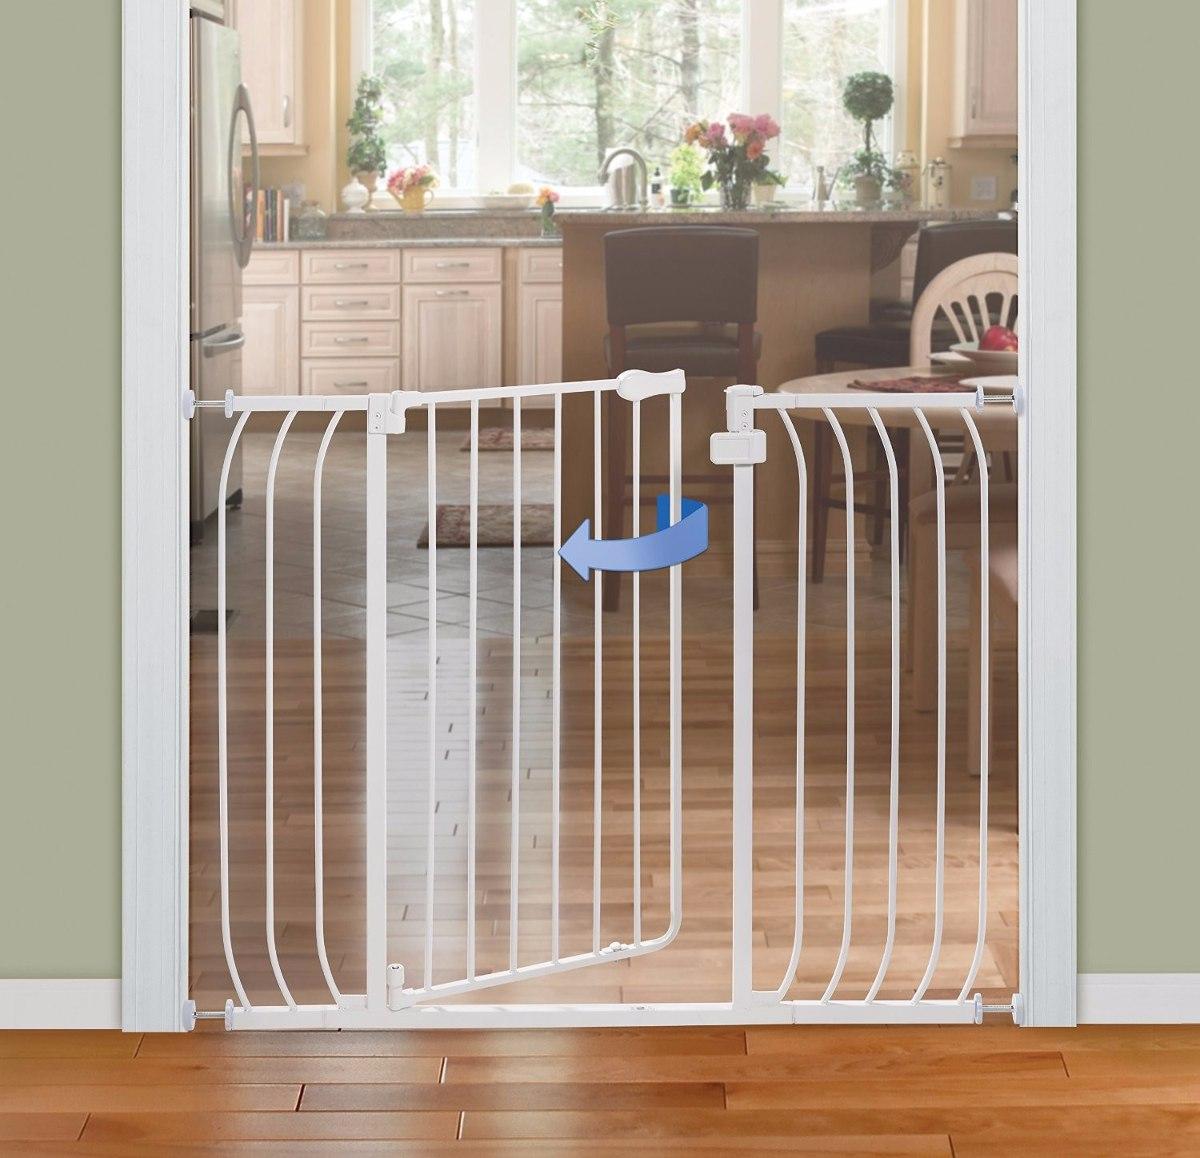 Reja de seguridad barandal puerta escalera para bebe k - Proteccion de escaleras para ninos ...